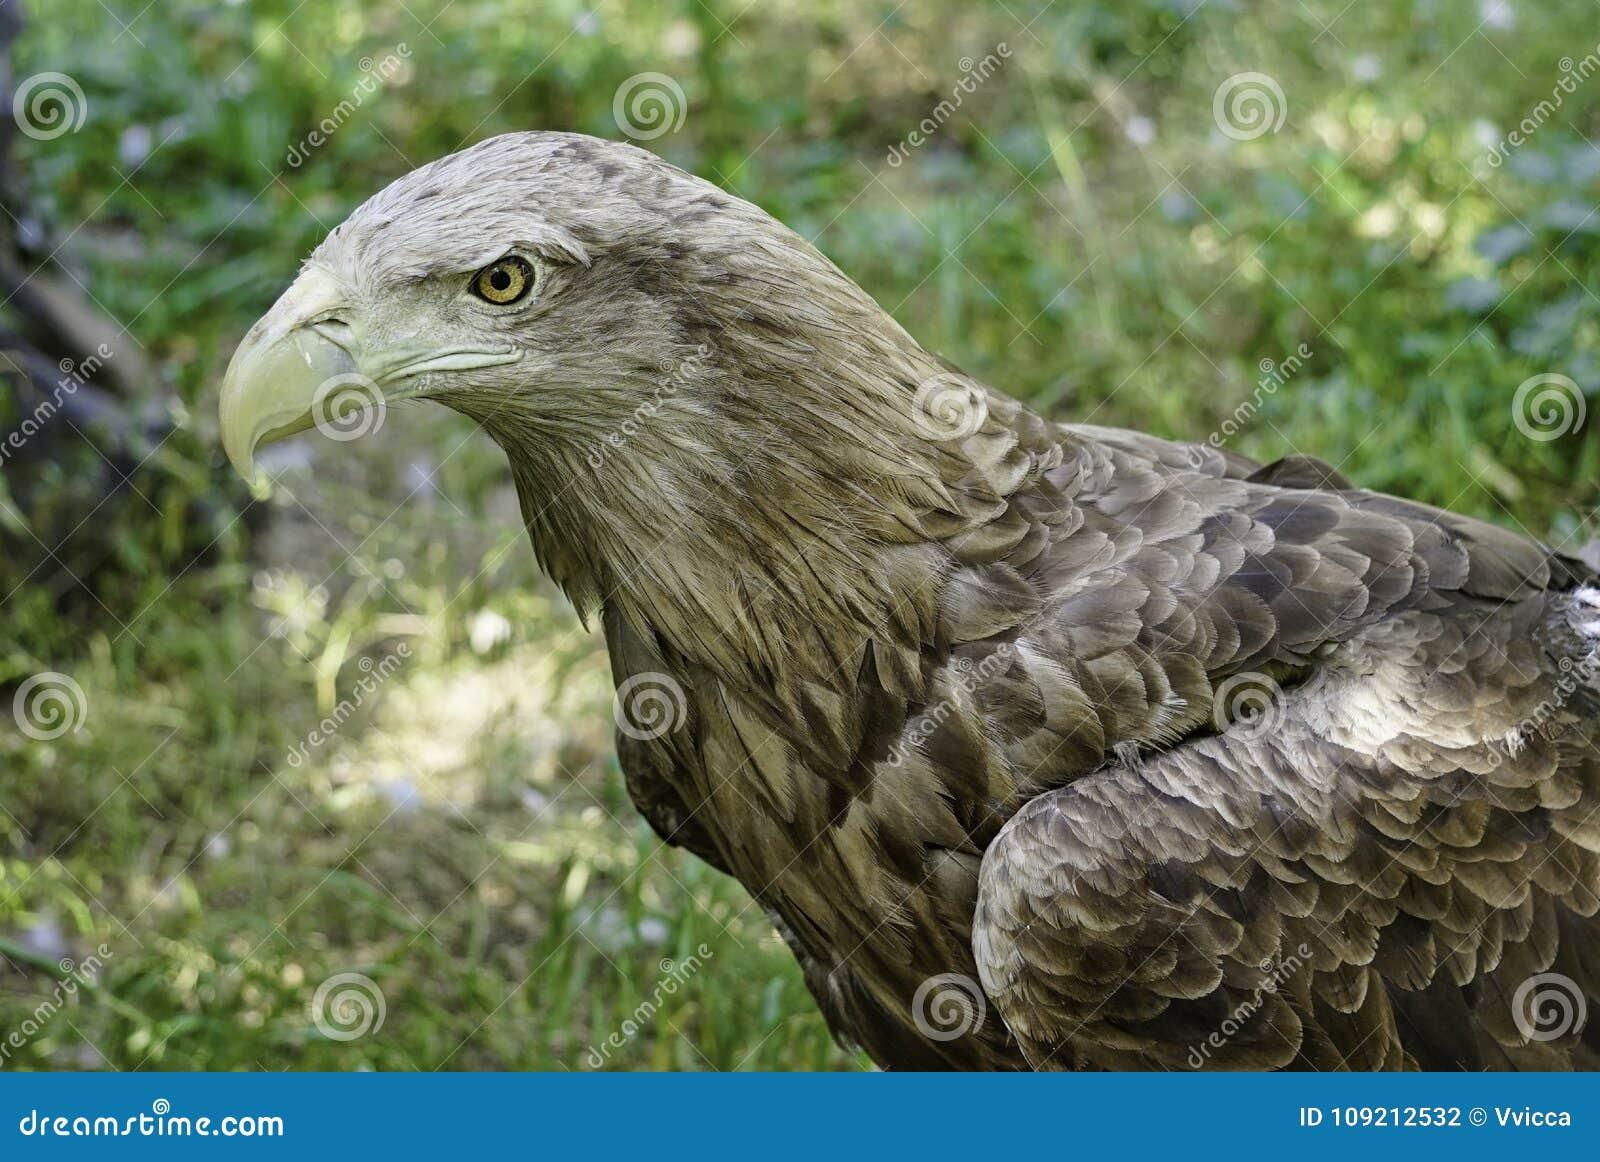 Een grote roofvogel op een groene natuurlijke achtergrond